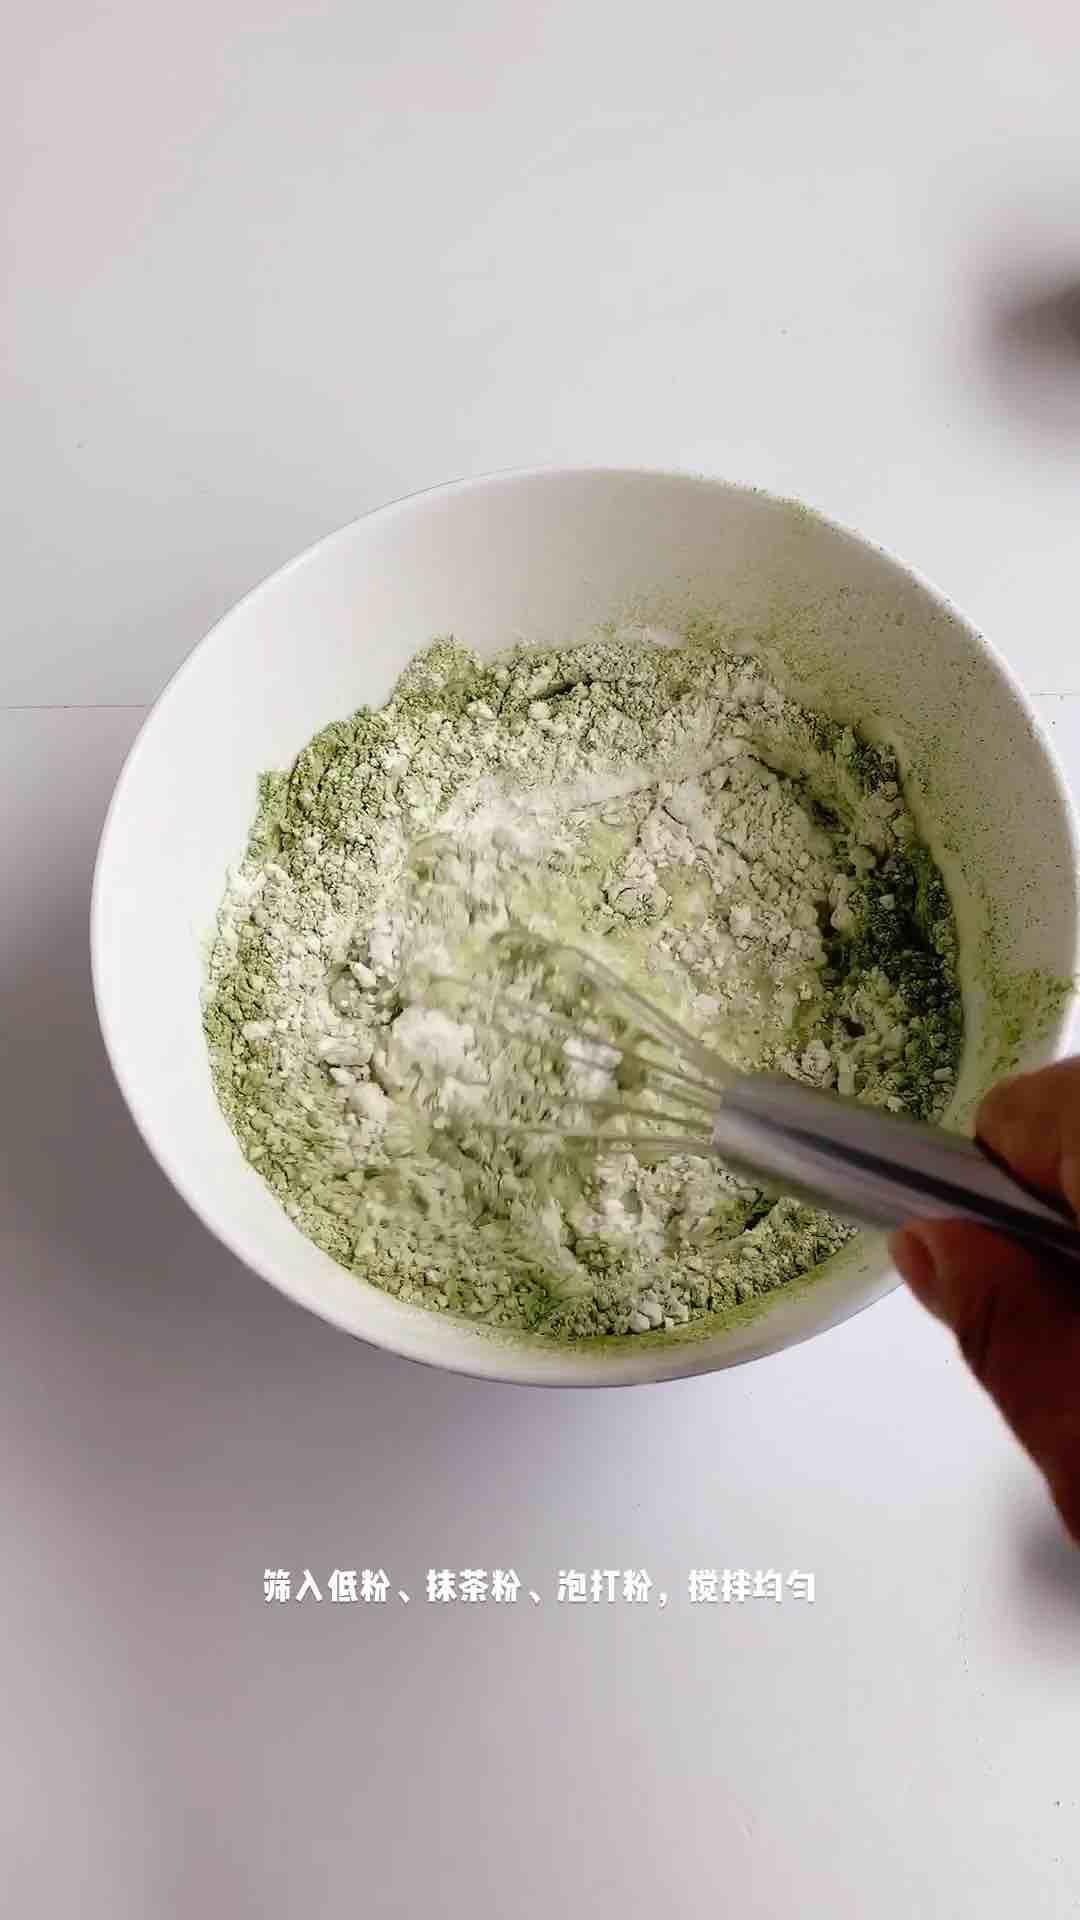 软香Q弹的蜜豆抹茶蒸蛋糕的家常做法